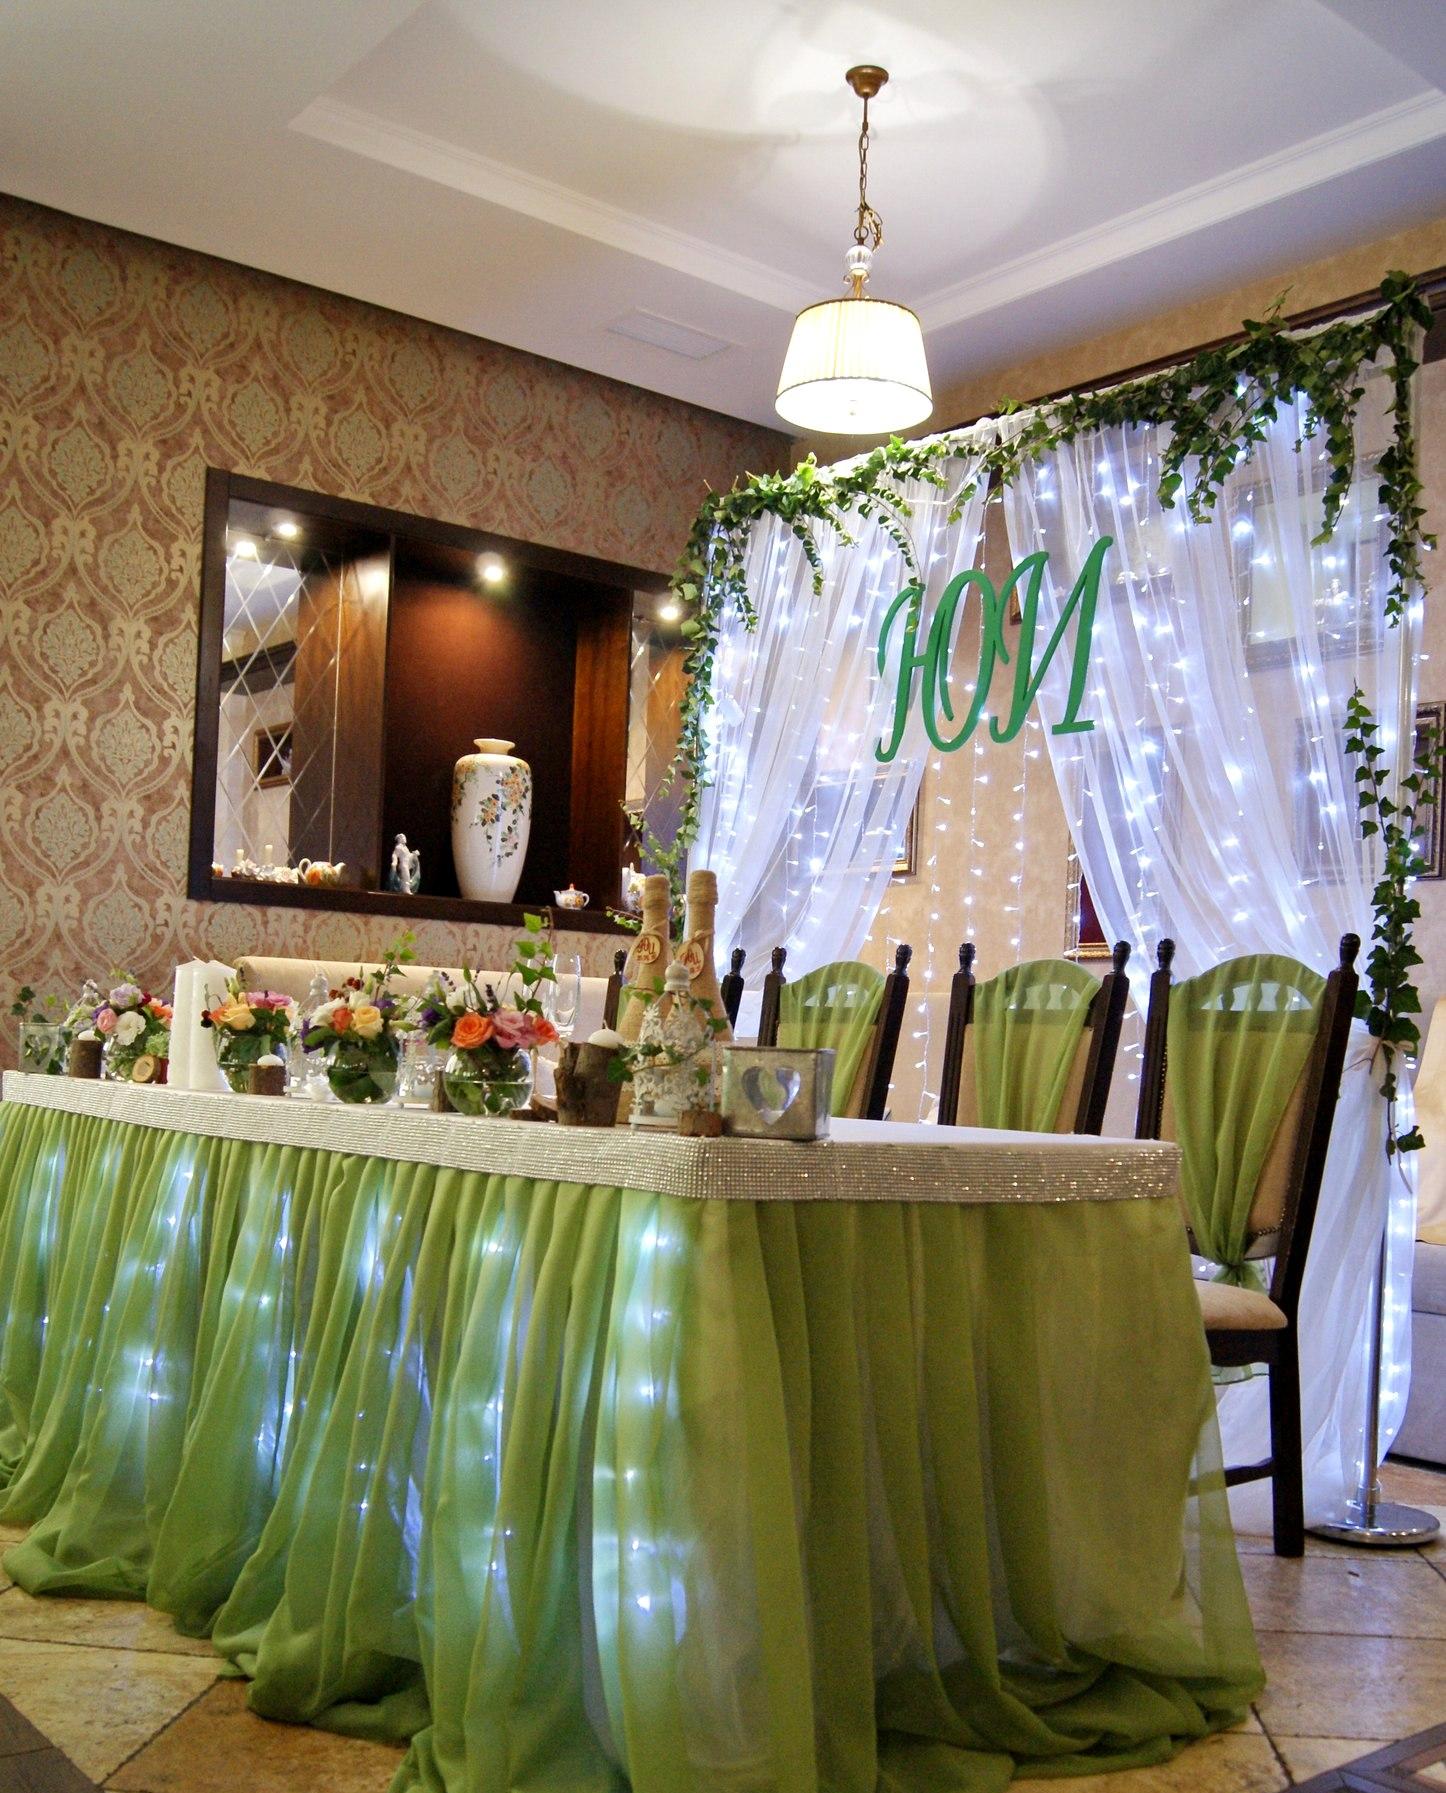 Фото Оформление зала тканями на свадьбу, день рождения, праздники 4